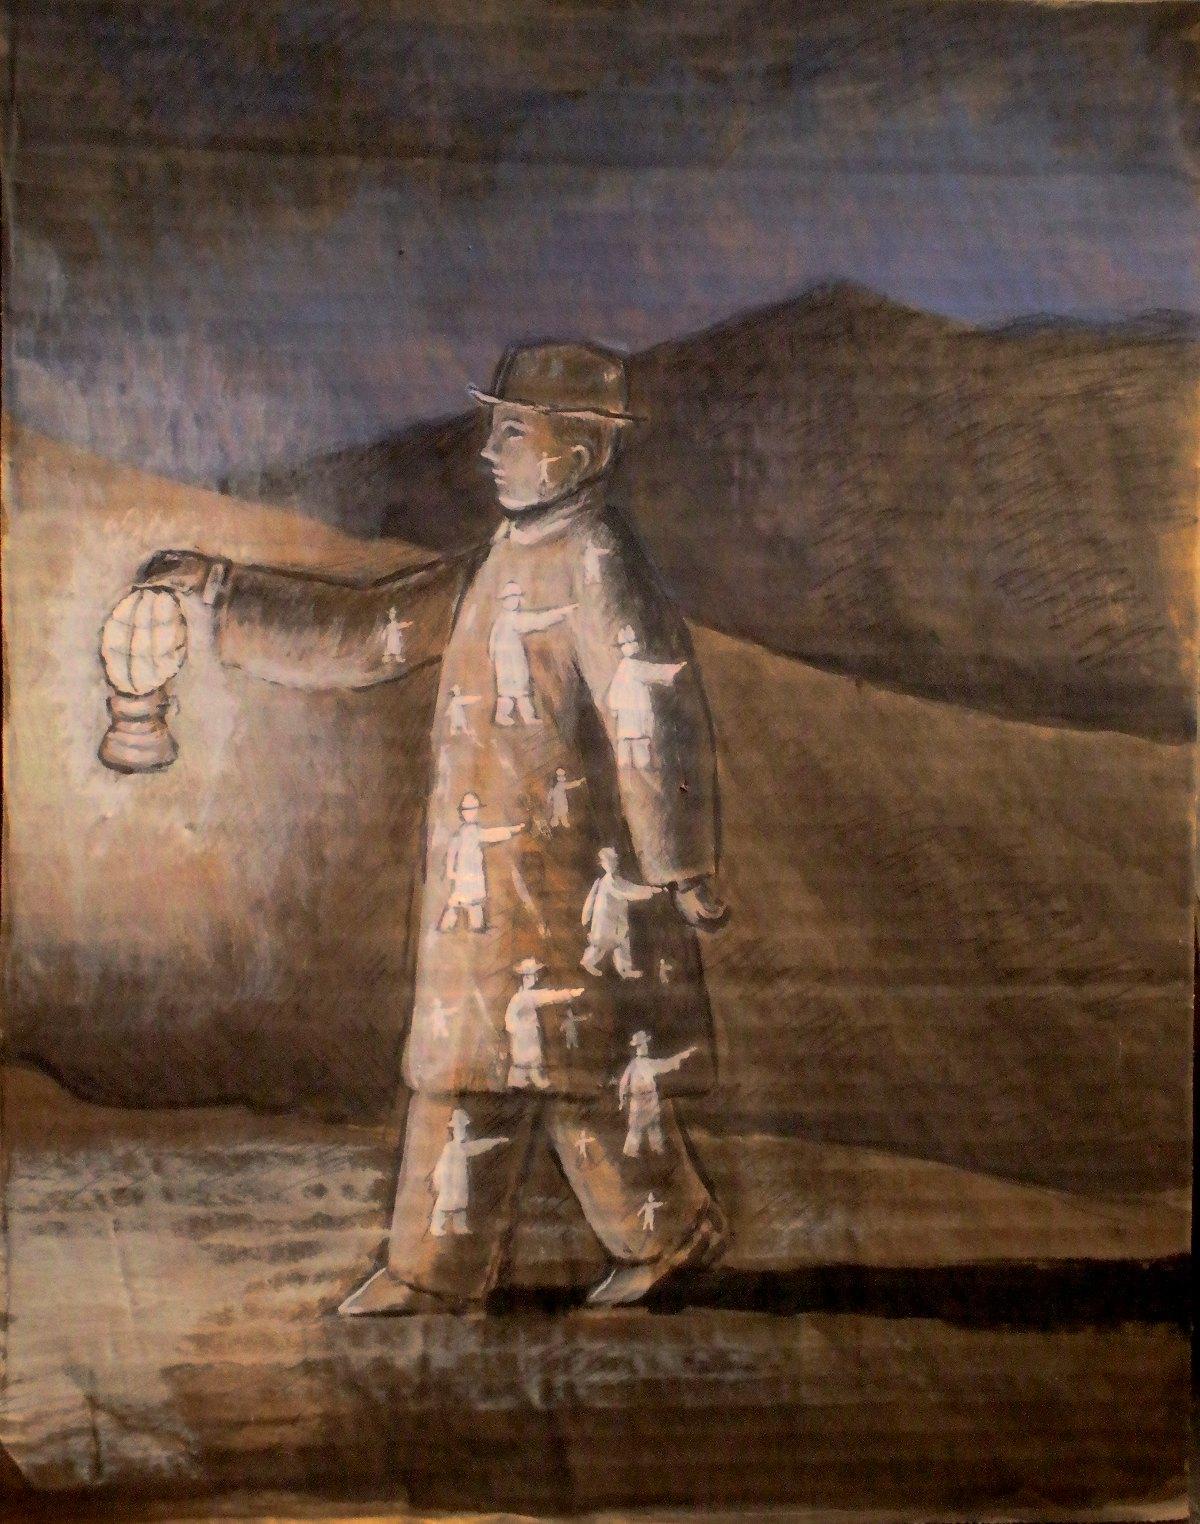 Esplorazione, tempera e carboncino su cartone, 2012